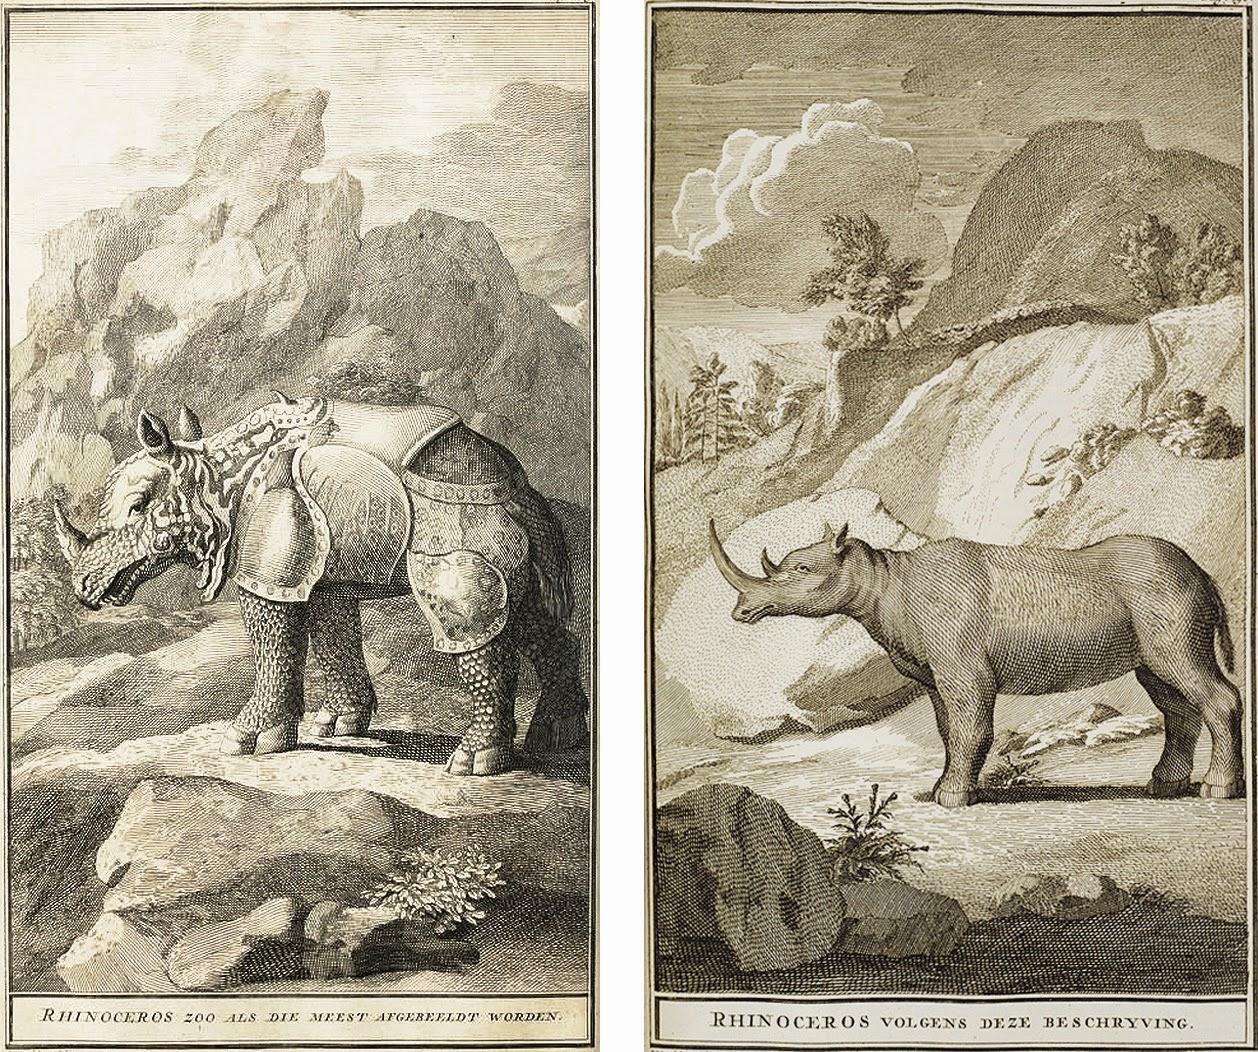 artbouillon: Dürer's Rhinoceros: Art, Exotica, and Empire